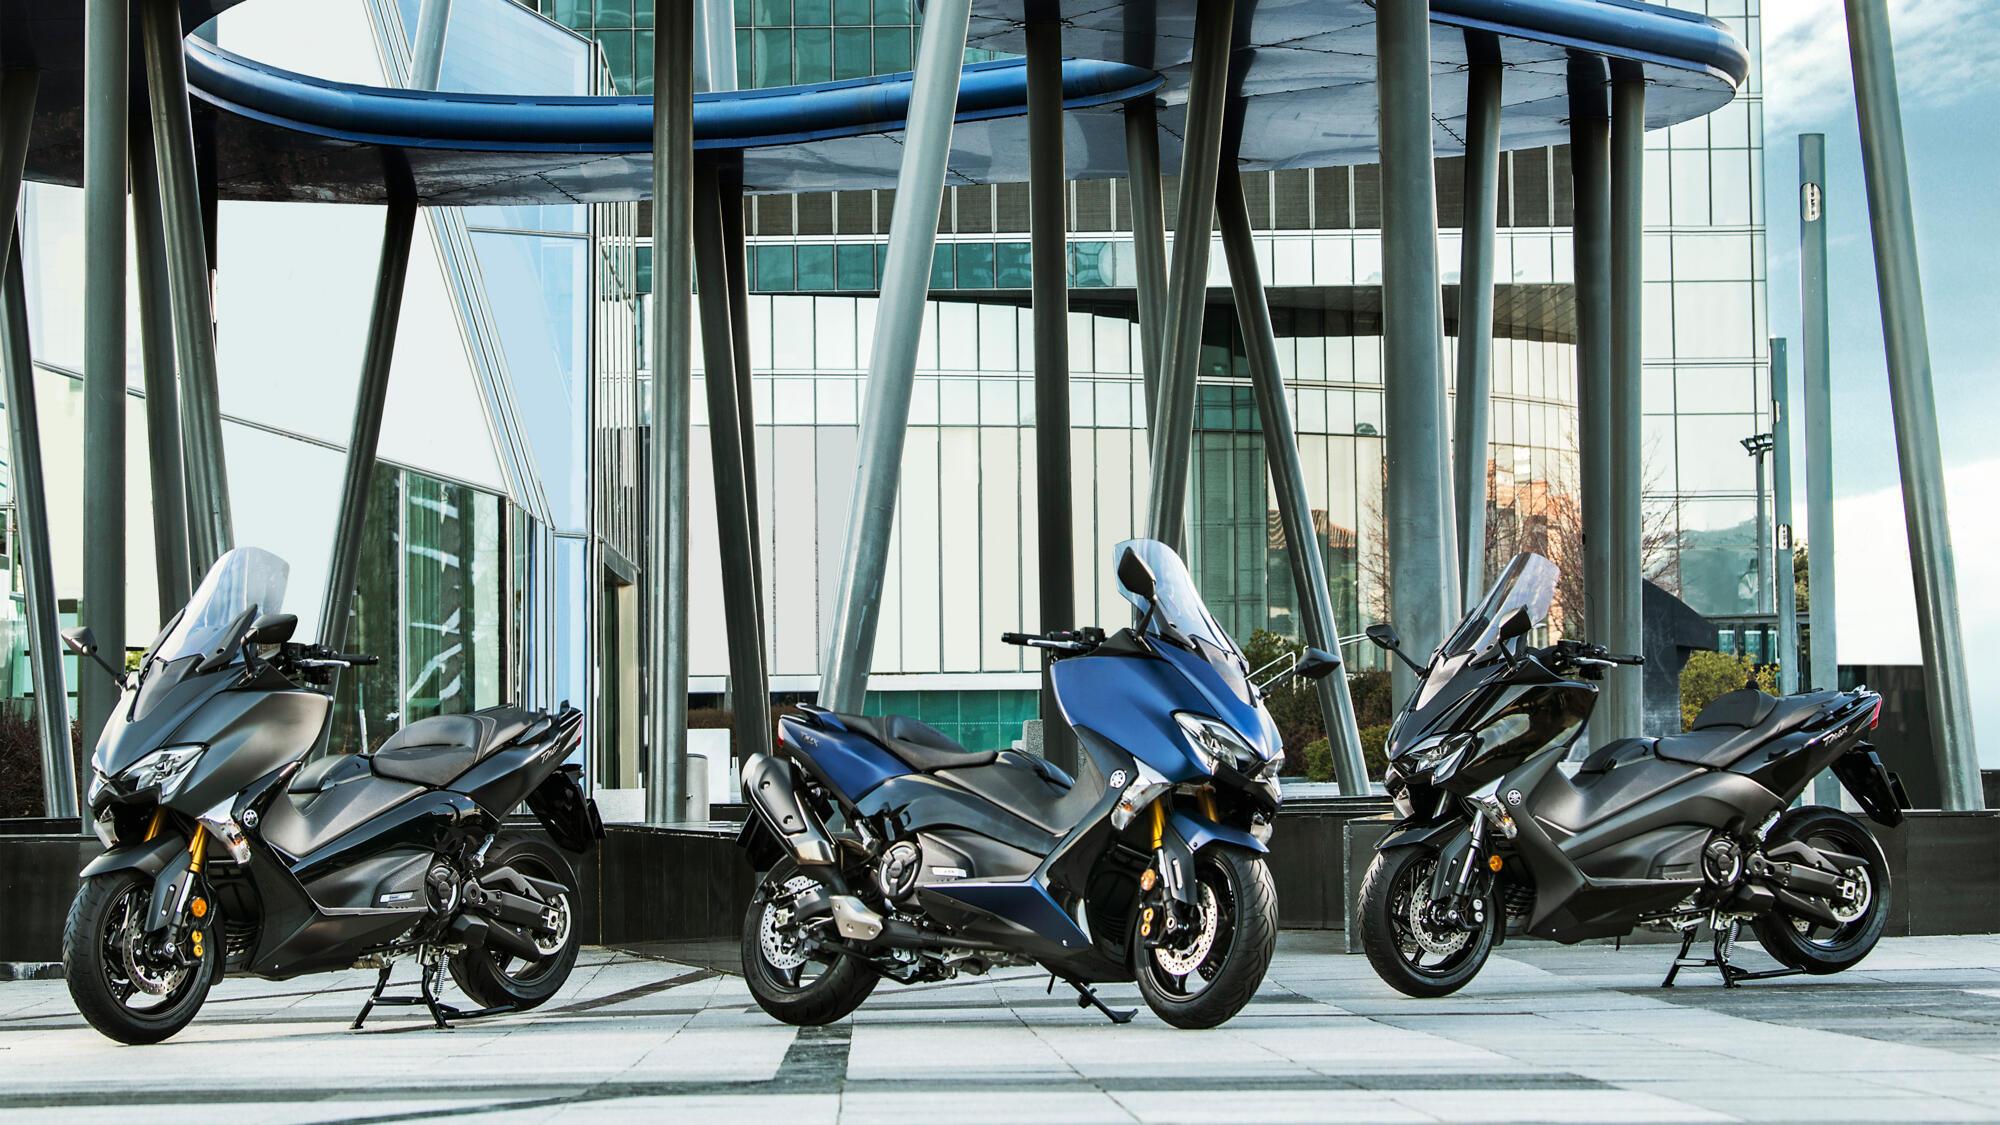 yamaha xp500 t max motorcycle owners manual